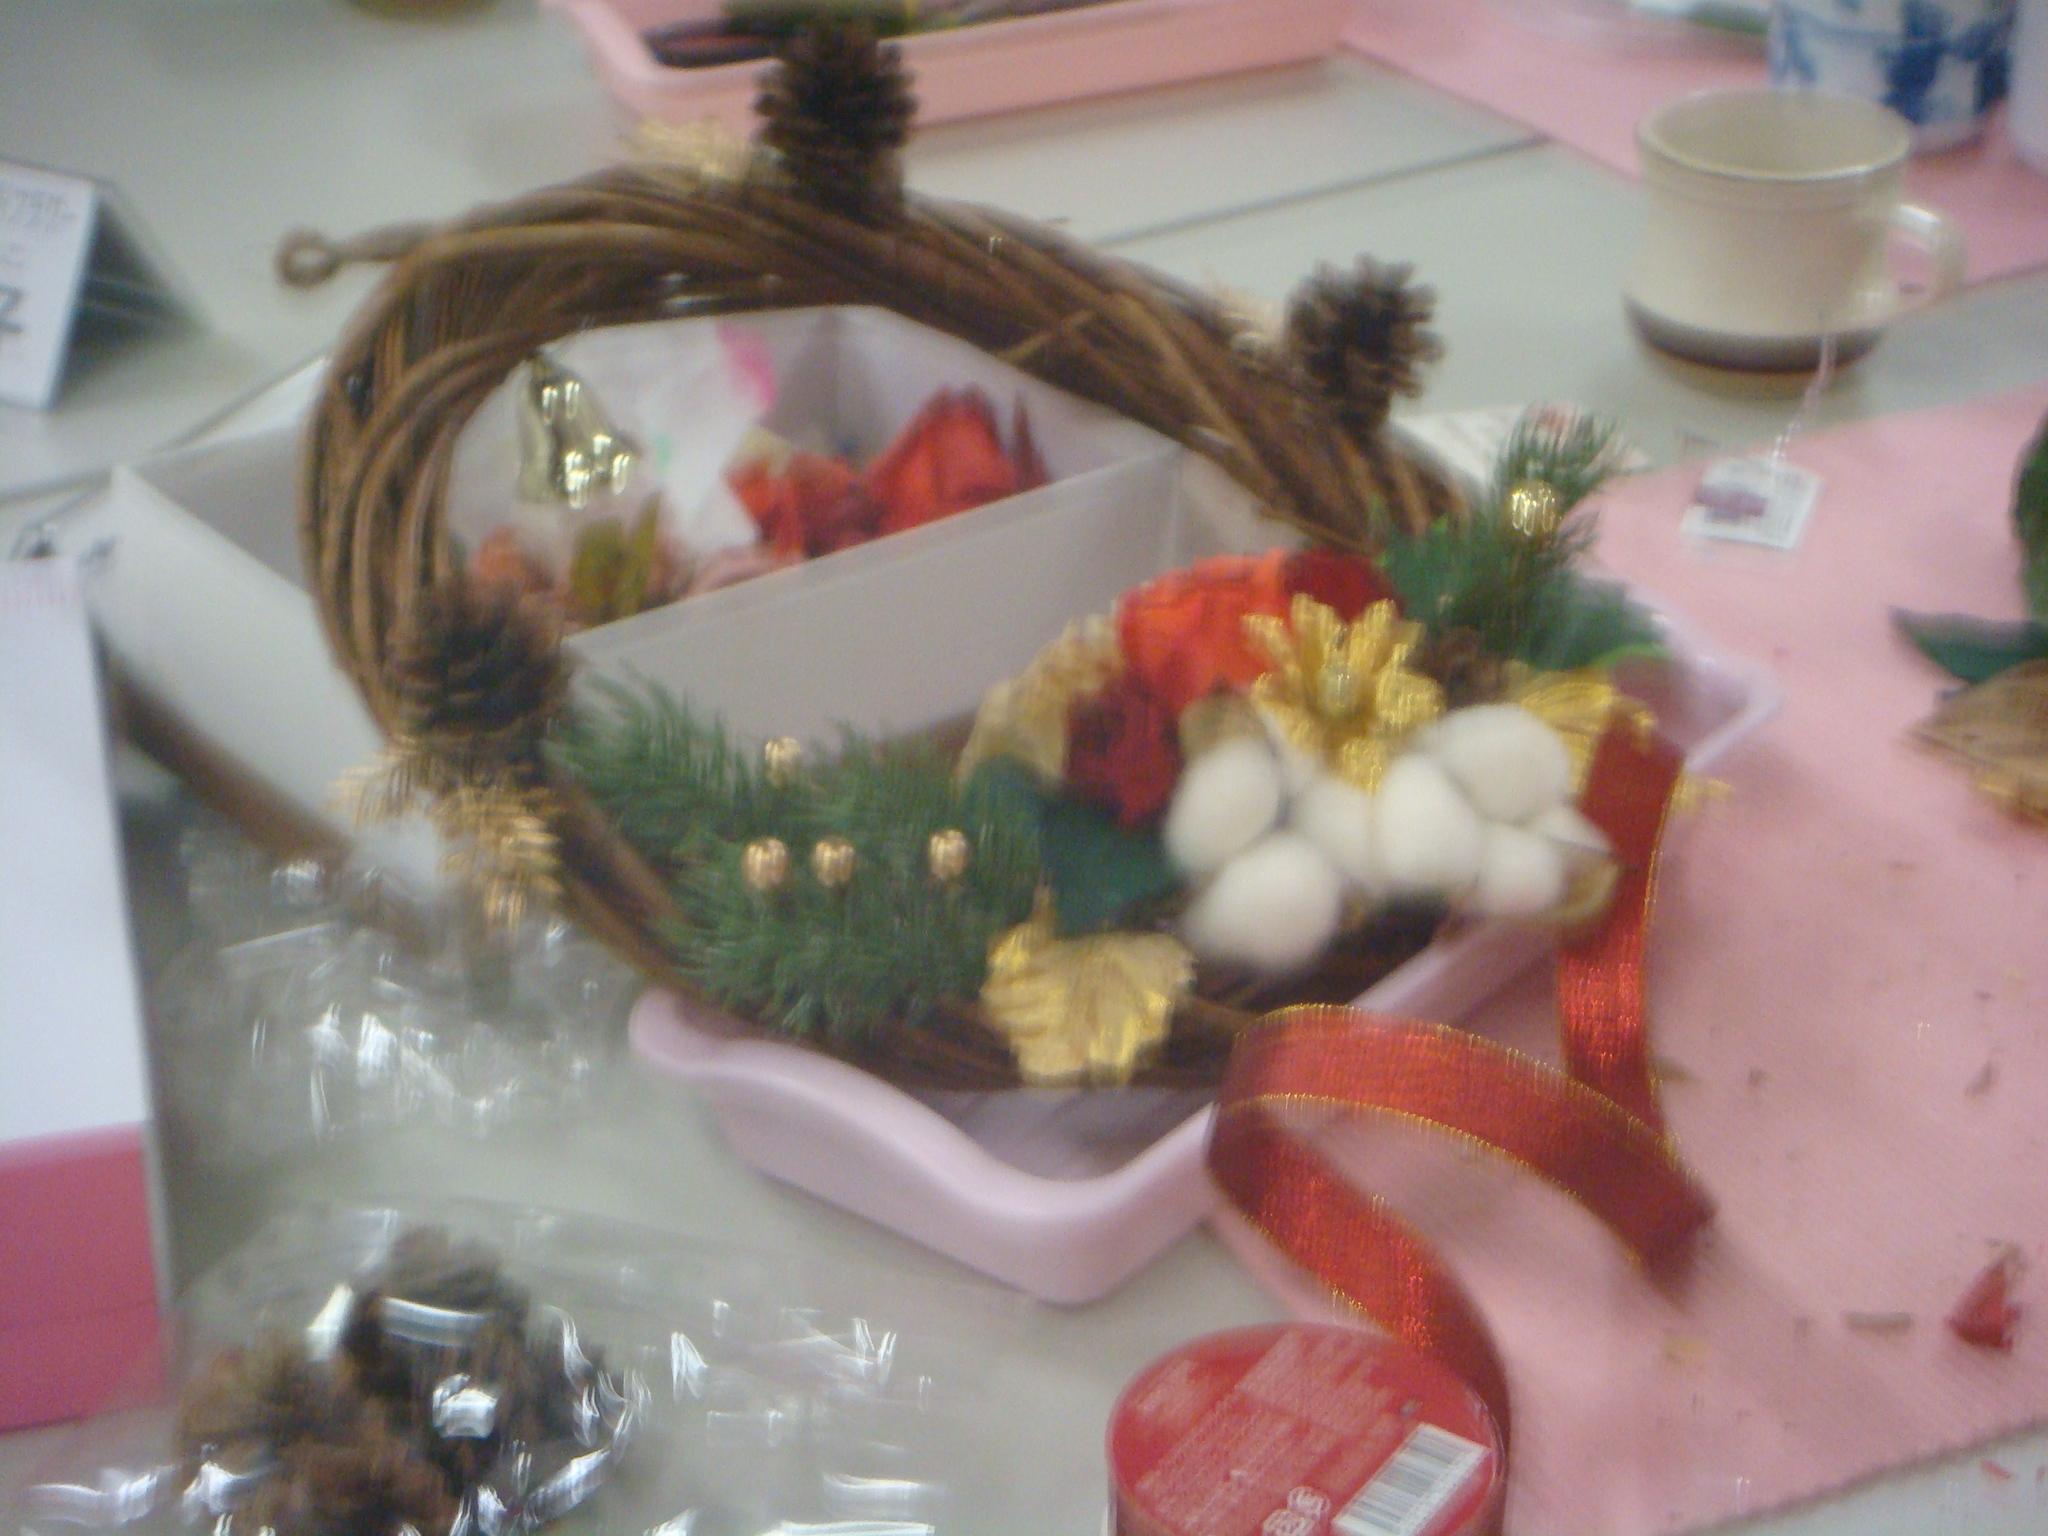 生花から作るプリザ生徒様作品